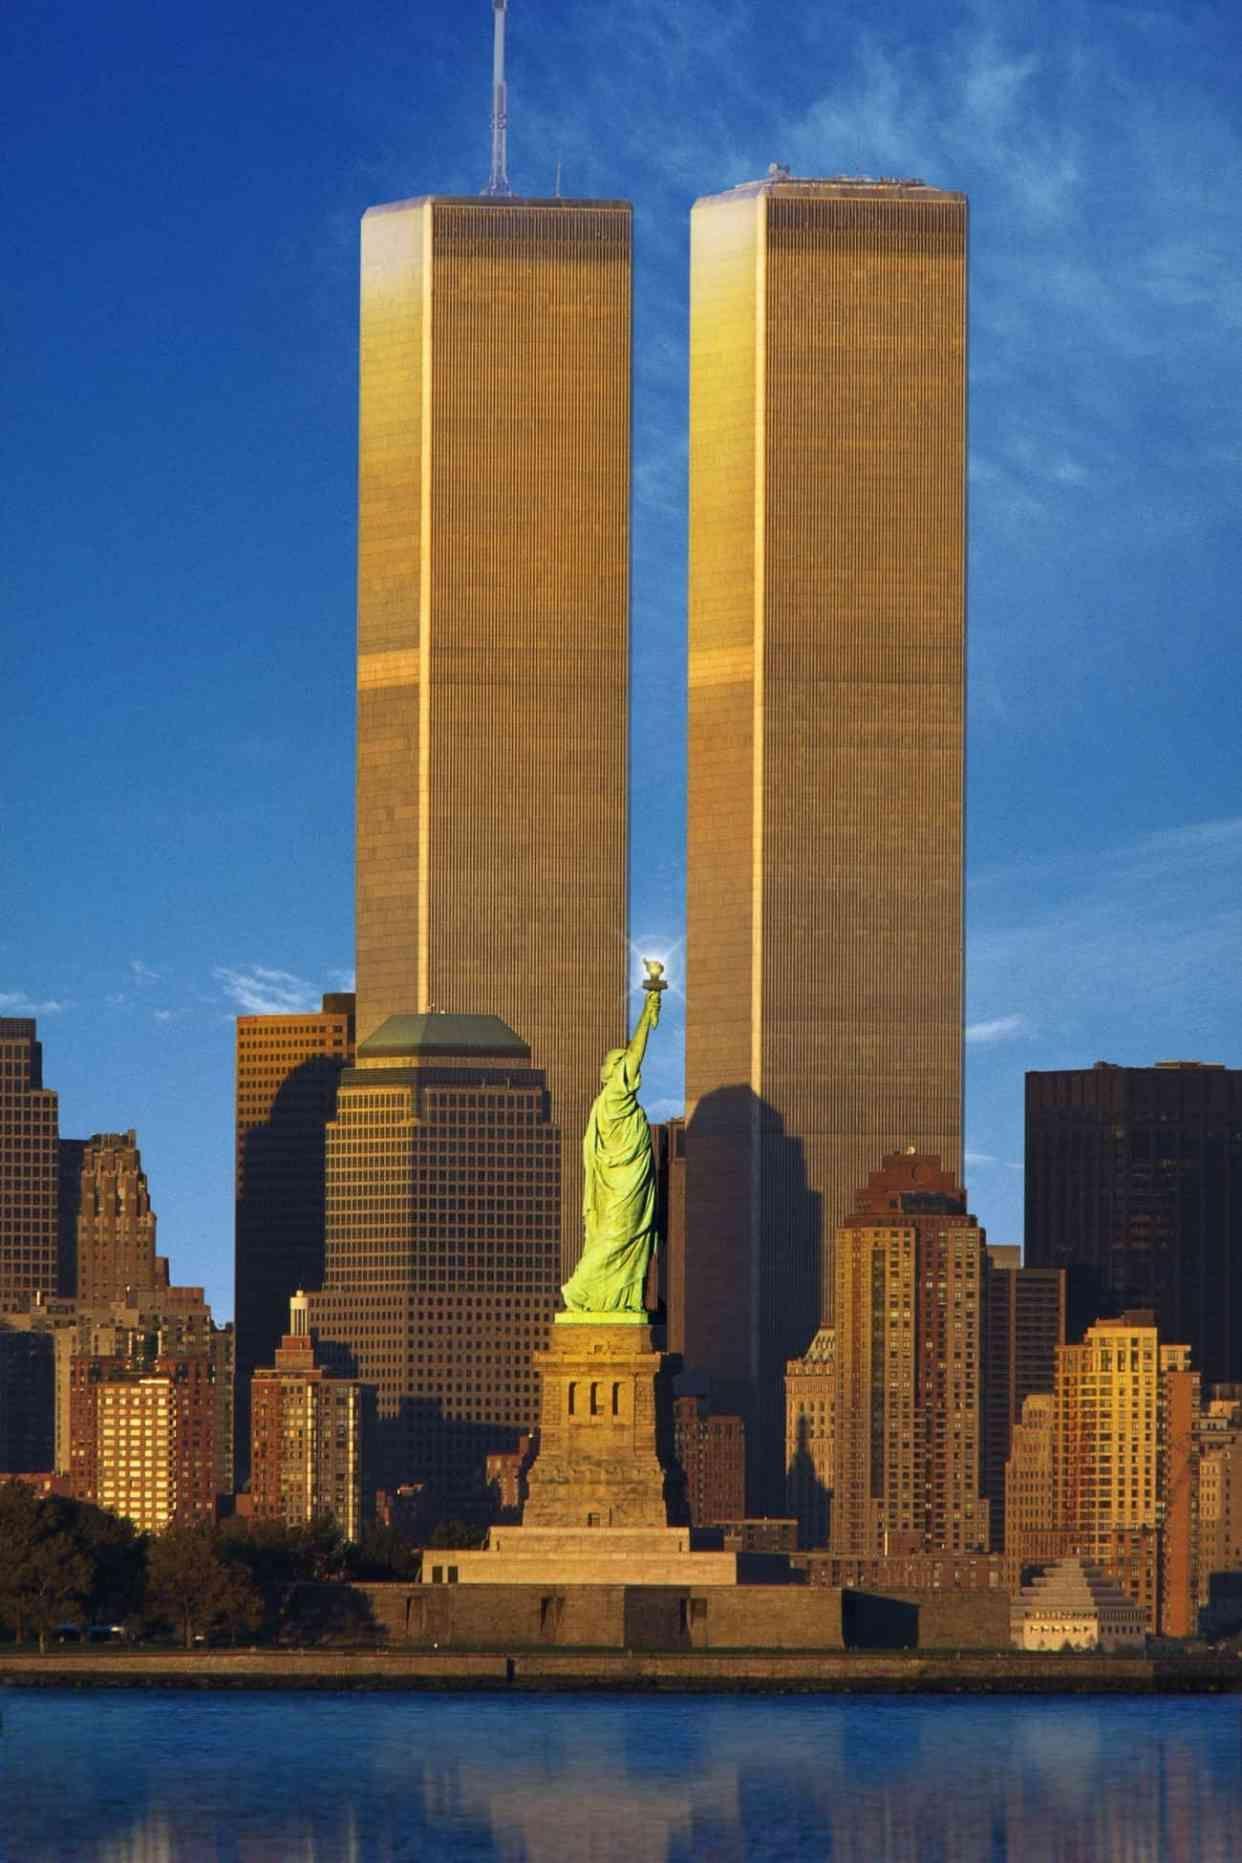 1993年,不为人知的双子塔爆炸案,揭开其与911事件的神秘关联